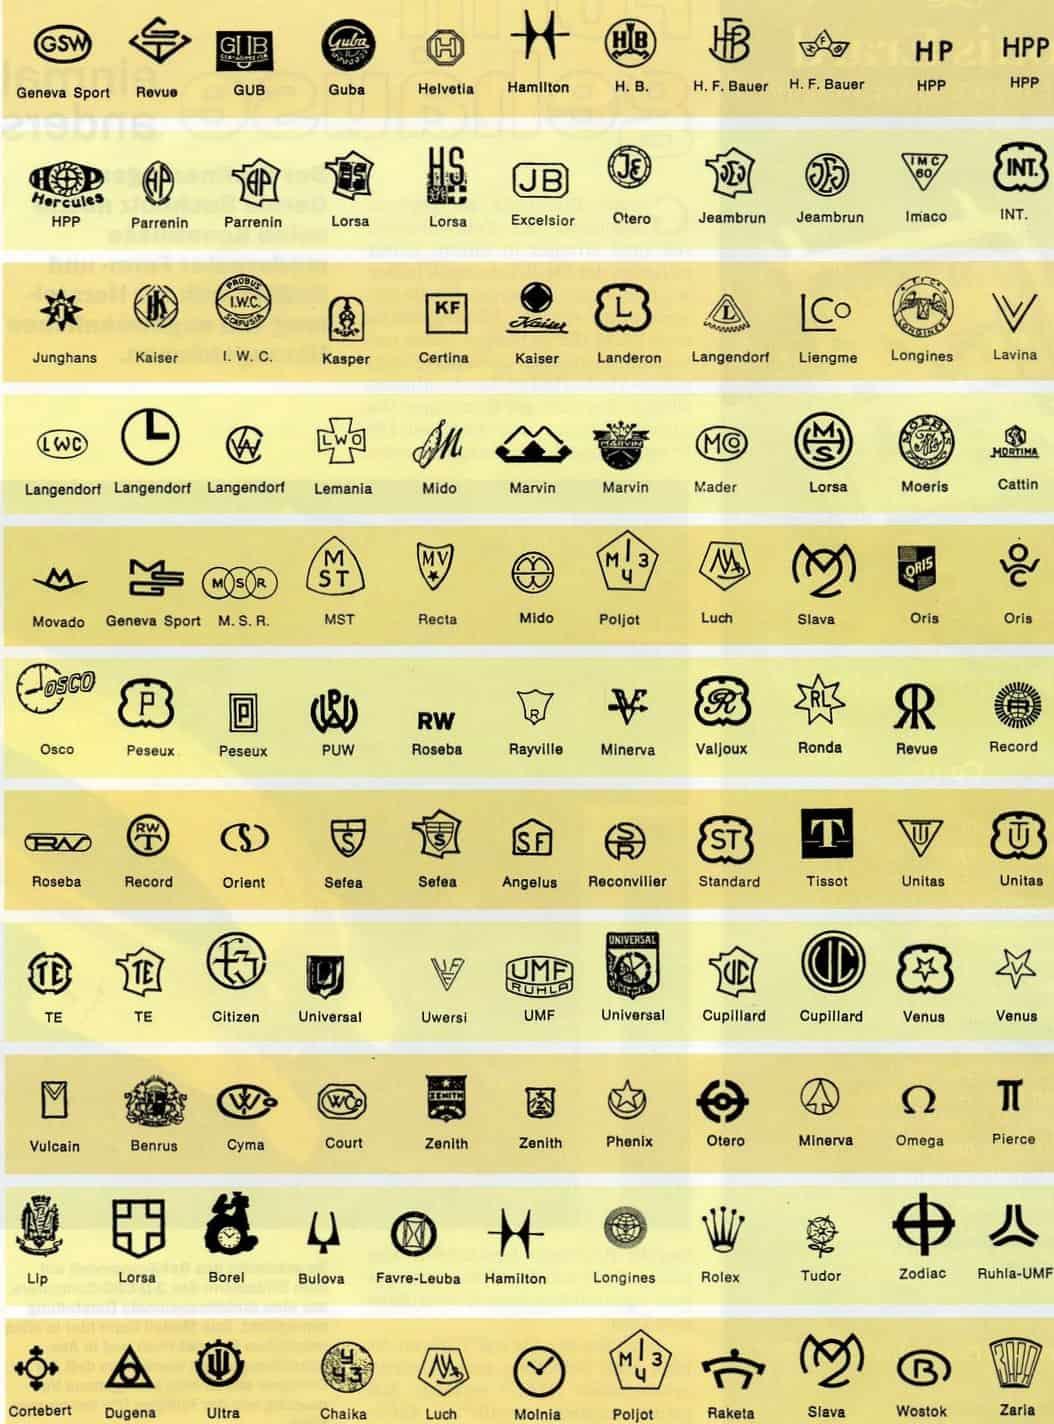 Die Ebauches SA Marken und ihre Markenzeichen auf den Rohwerken - Teil 2